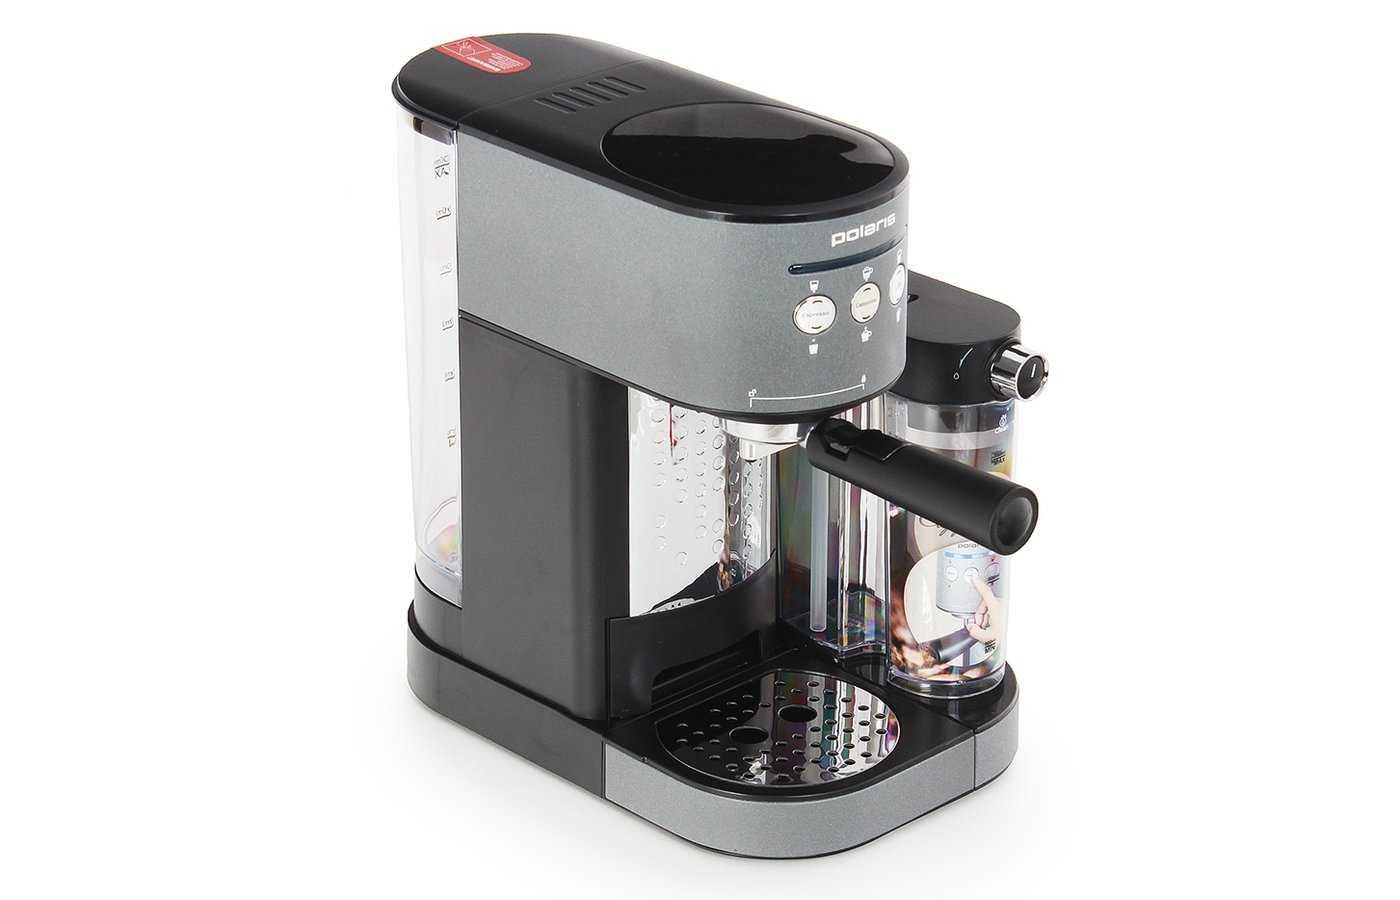 Кофеварка polaris pcm 1535e - купить | цены | обзоры и тесты | отзывы | параметры и характеристики | инструкция